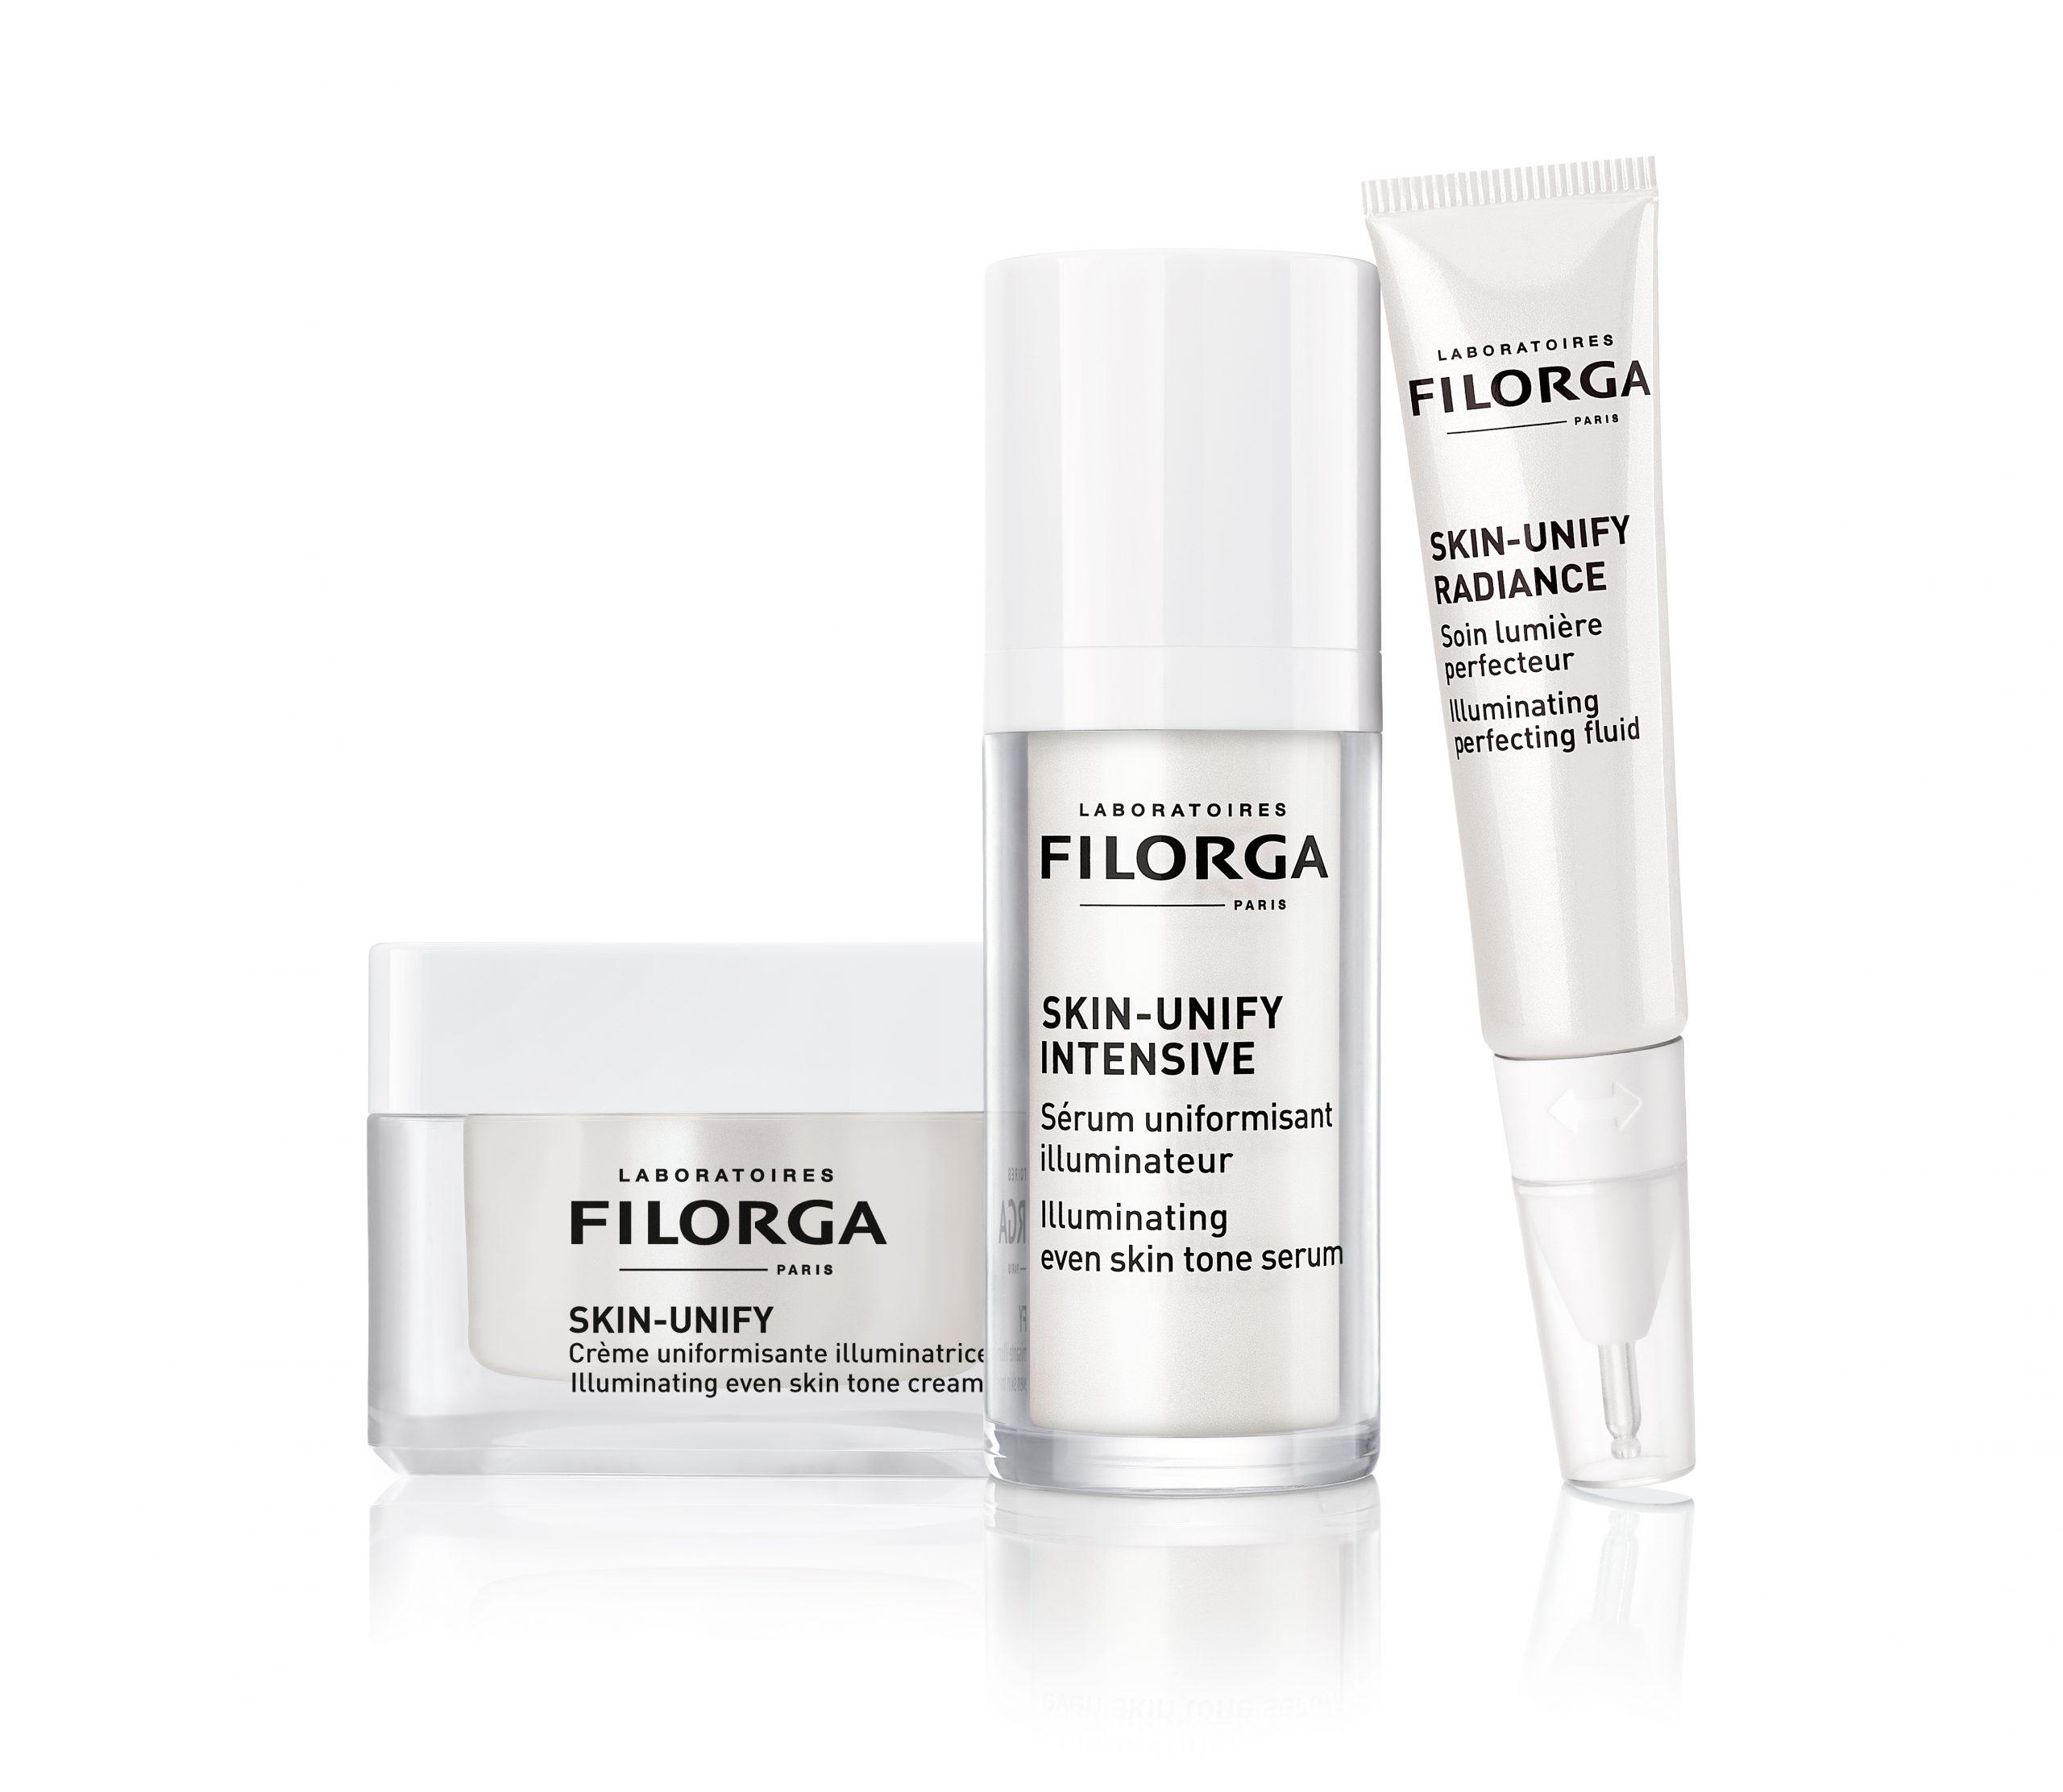 Filorga, la solution idéale pour une peau uniforme et lumineuse